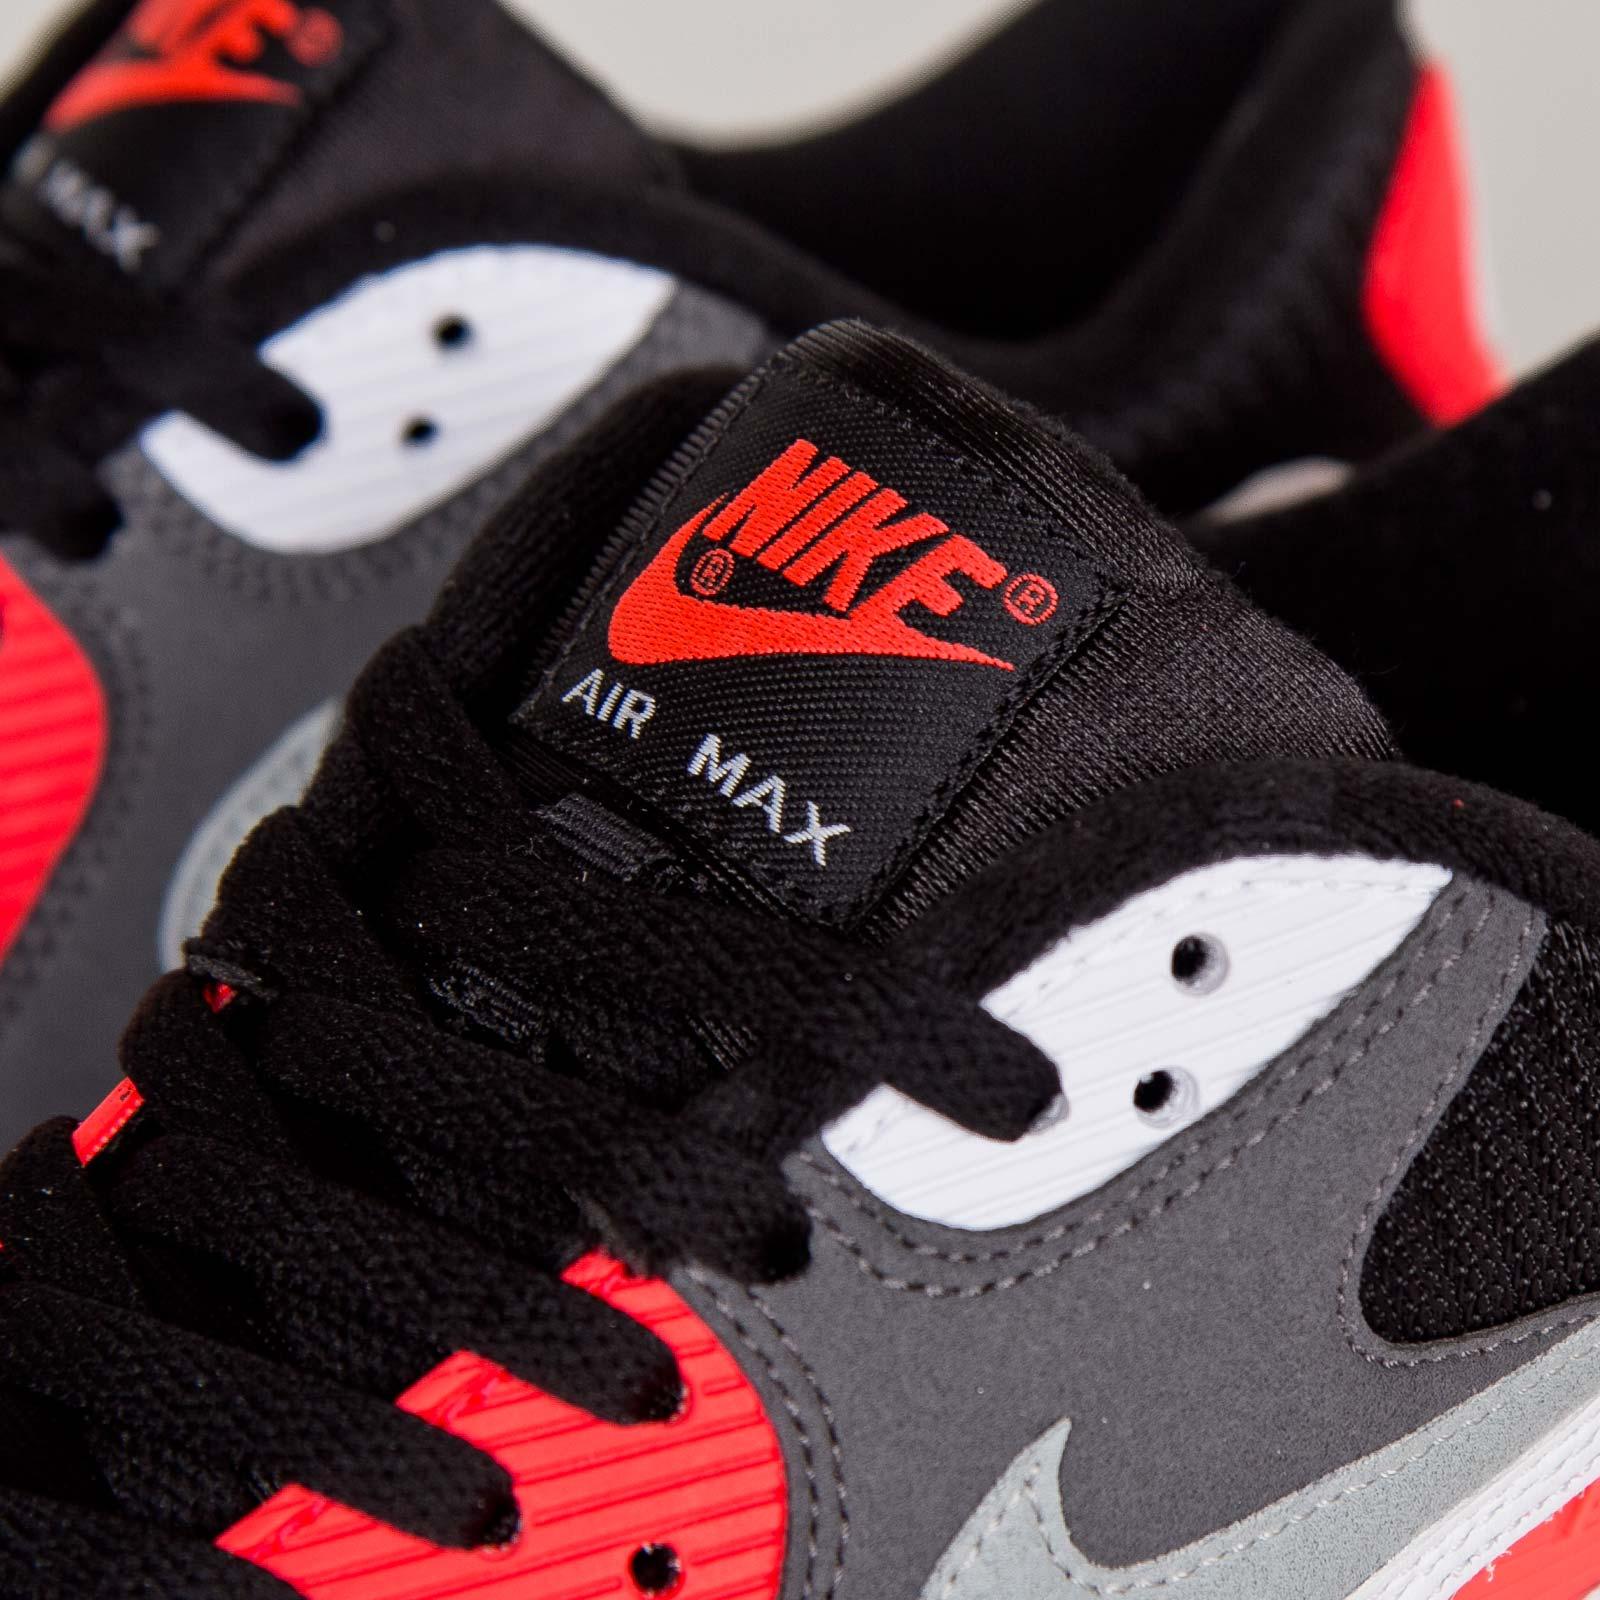 Nike Air Max 90 OG 725233 006 Sneakersnstuff | sneakers